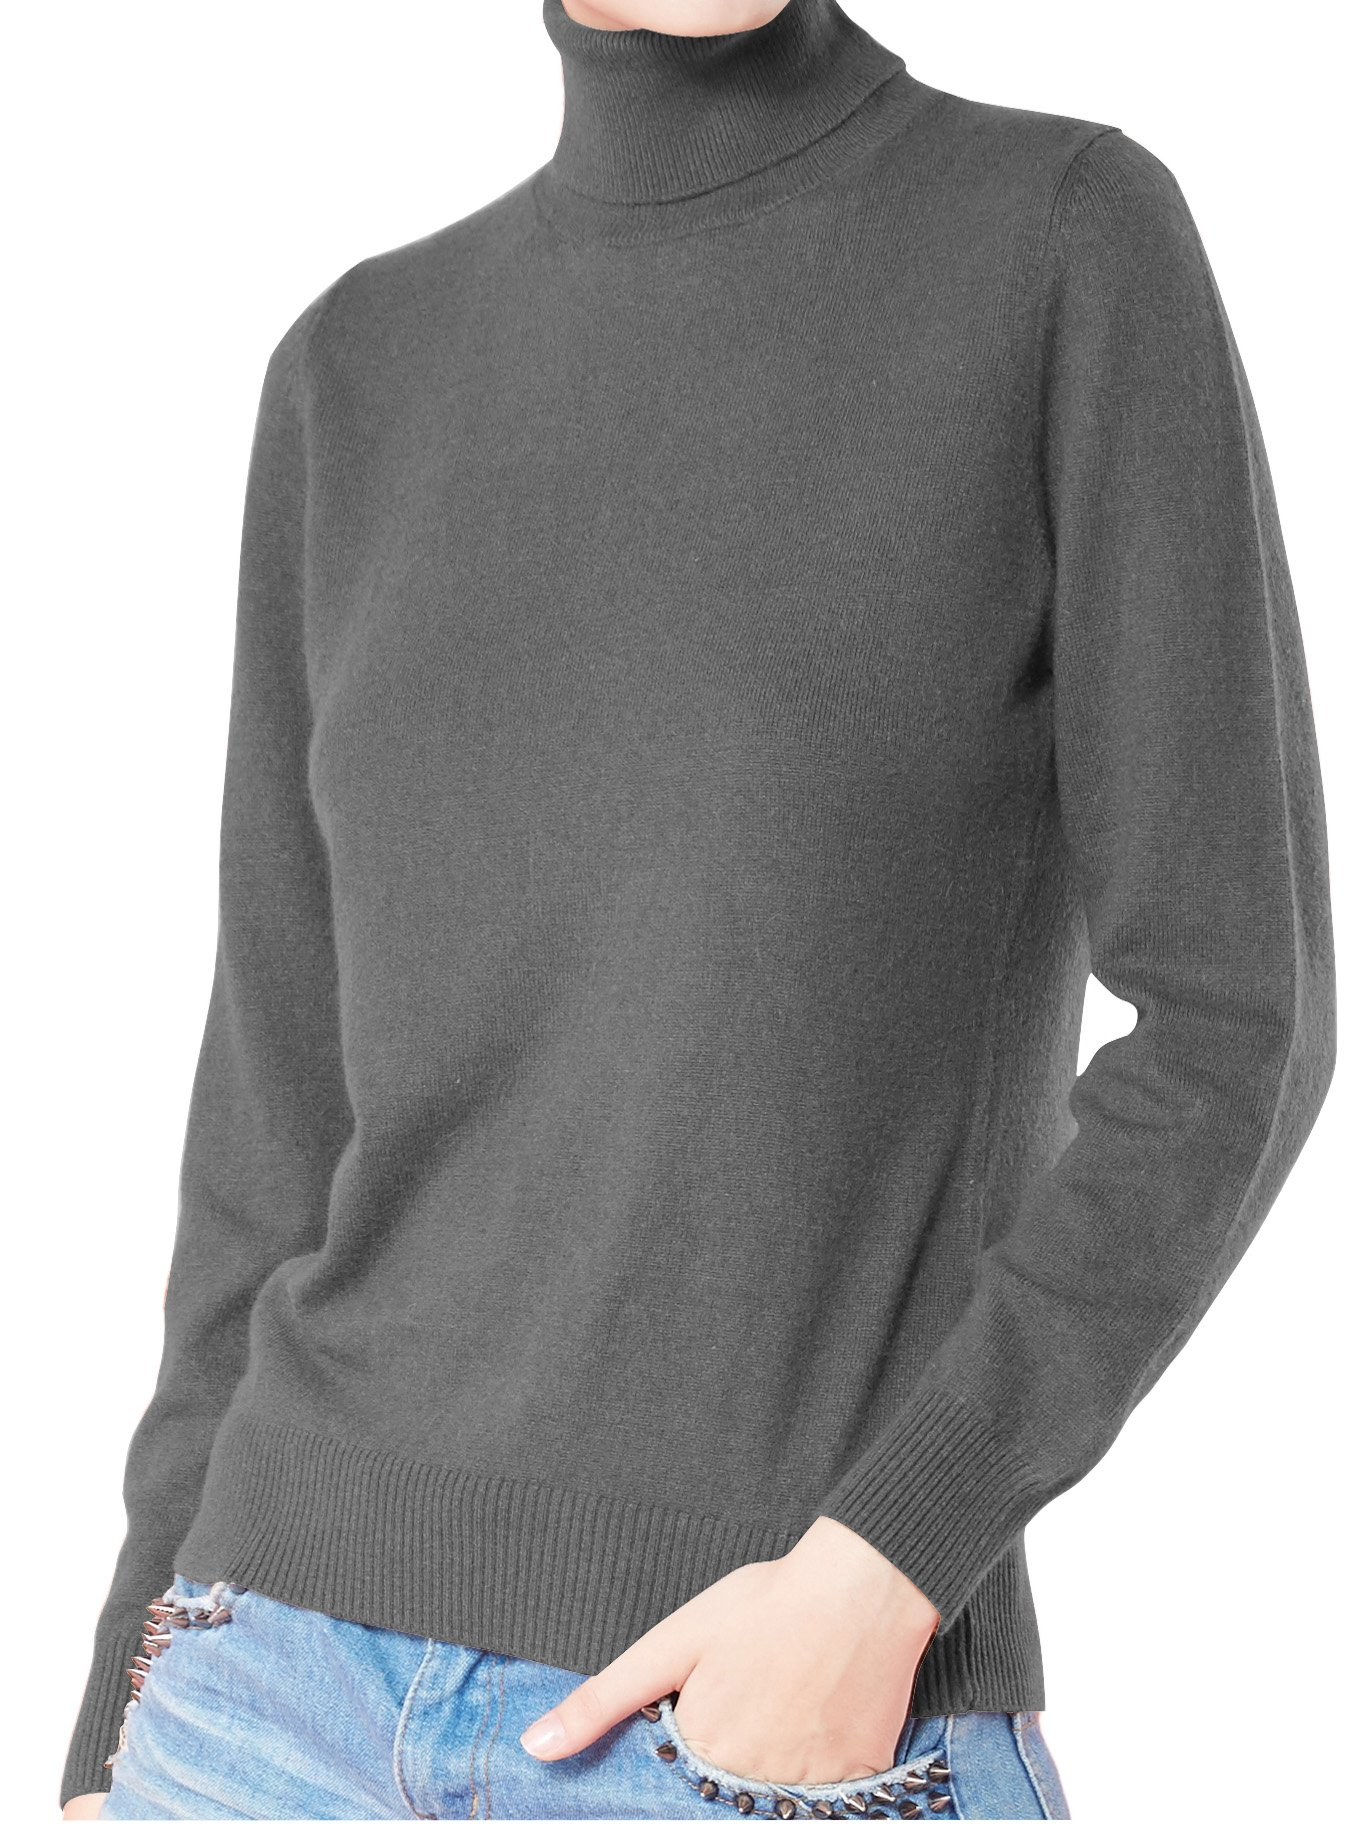 LONGMING Women's Long Sleeve Sweater (Medium, Dark Grey)